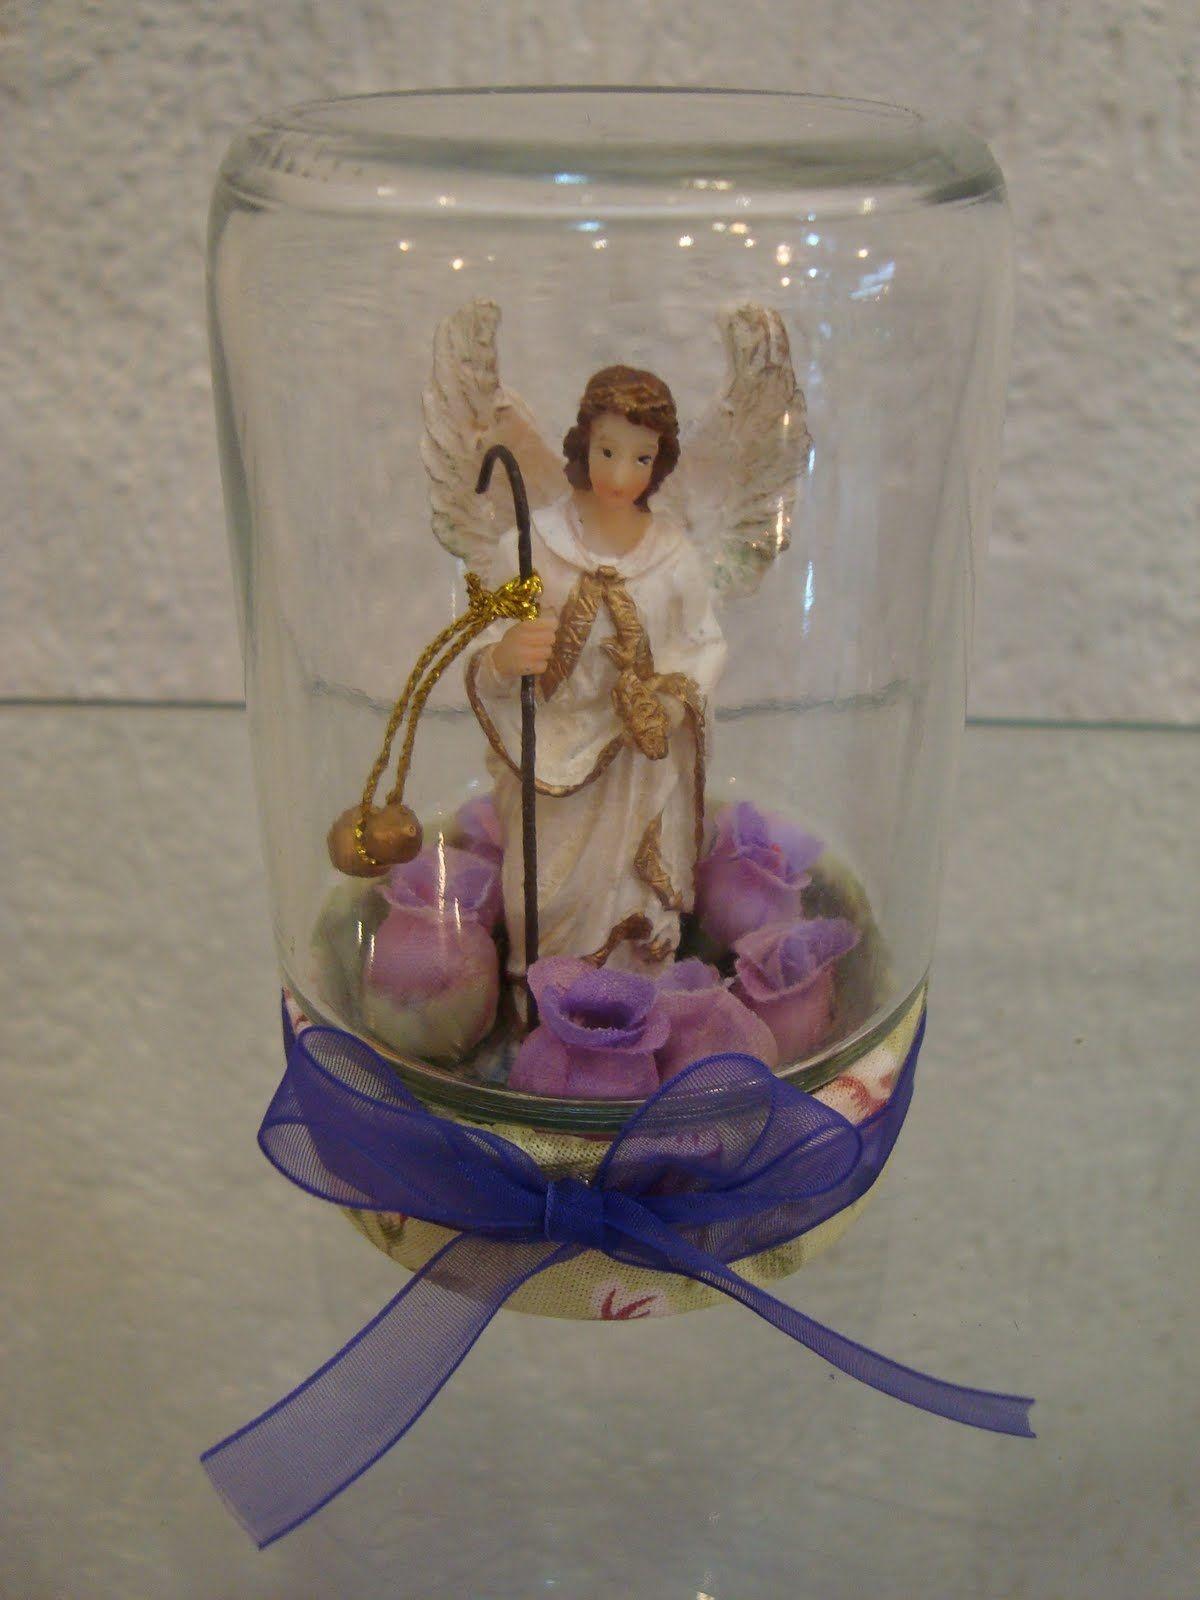 Oratórios feitos com vidro de maionese, azeitona...Não tem o passo a passo, mas acho que